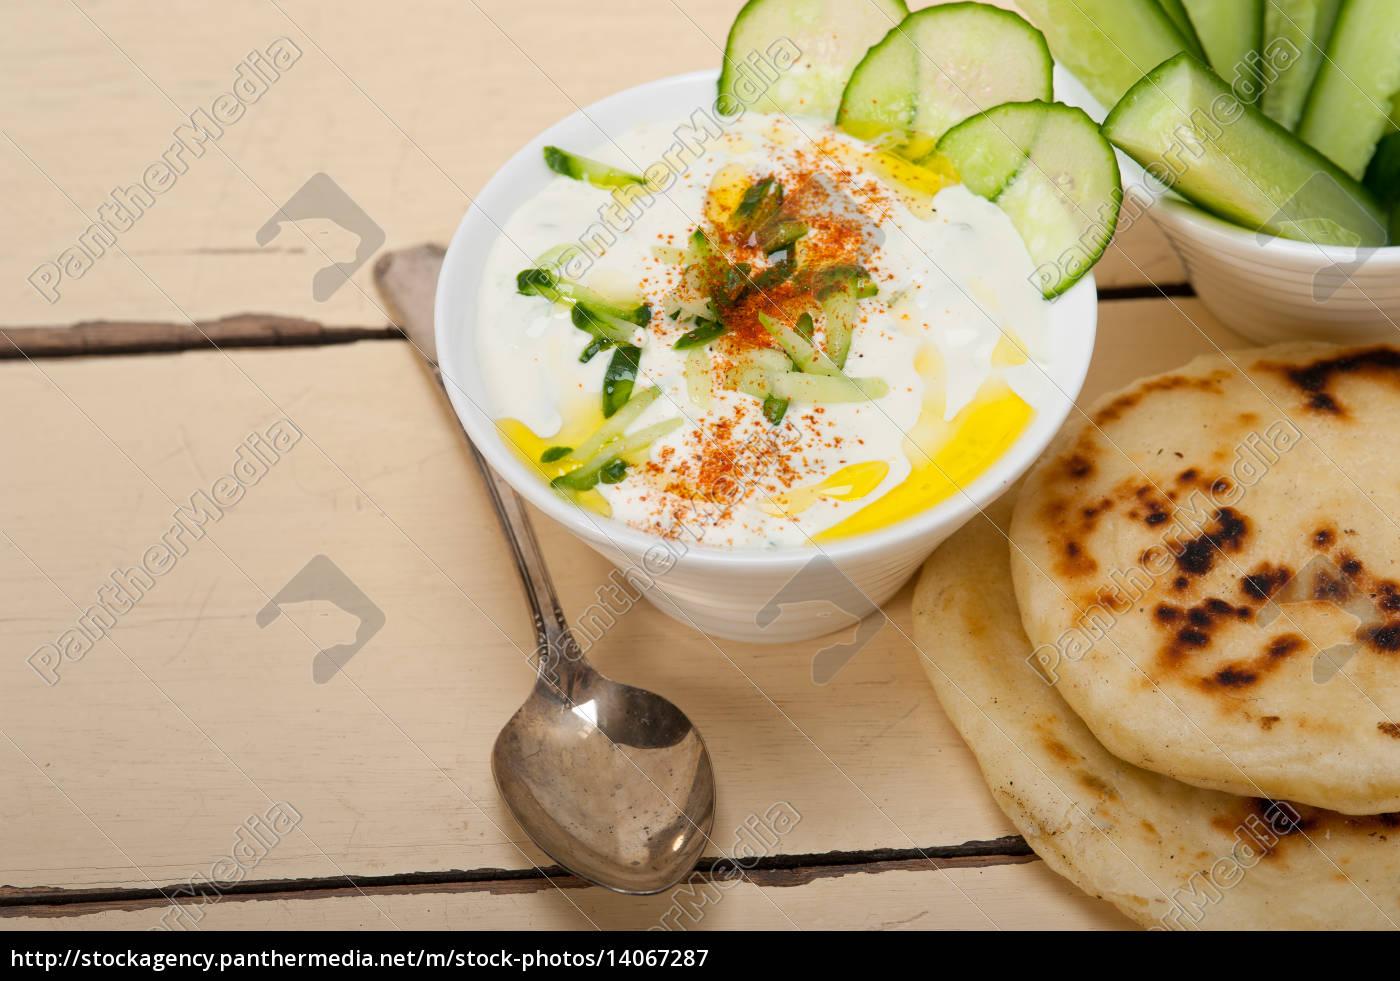 arab, middle, east, goat, yogurt, and - 14067287